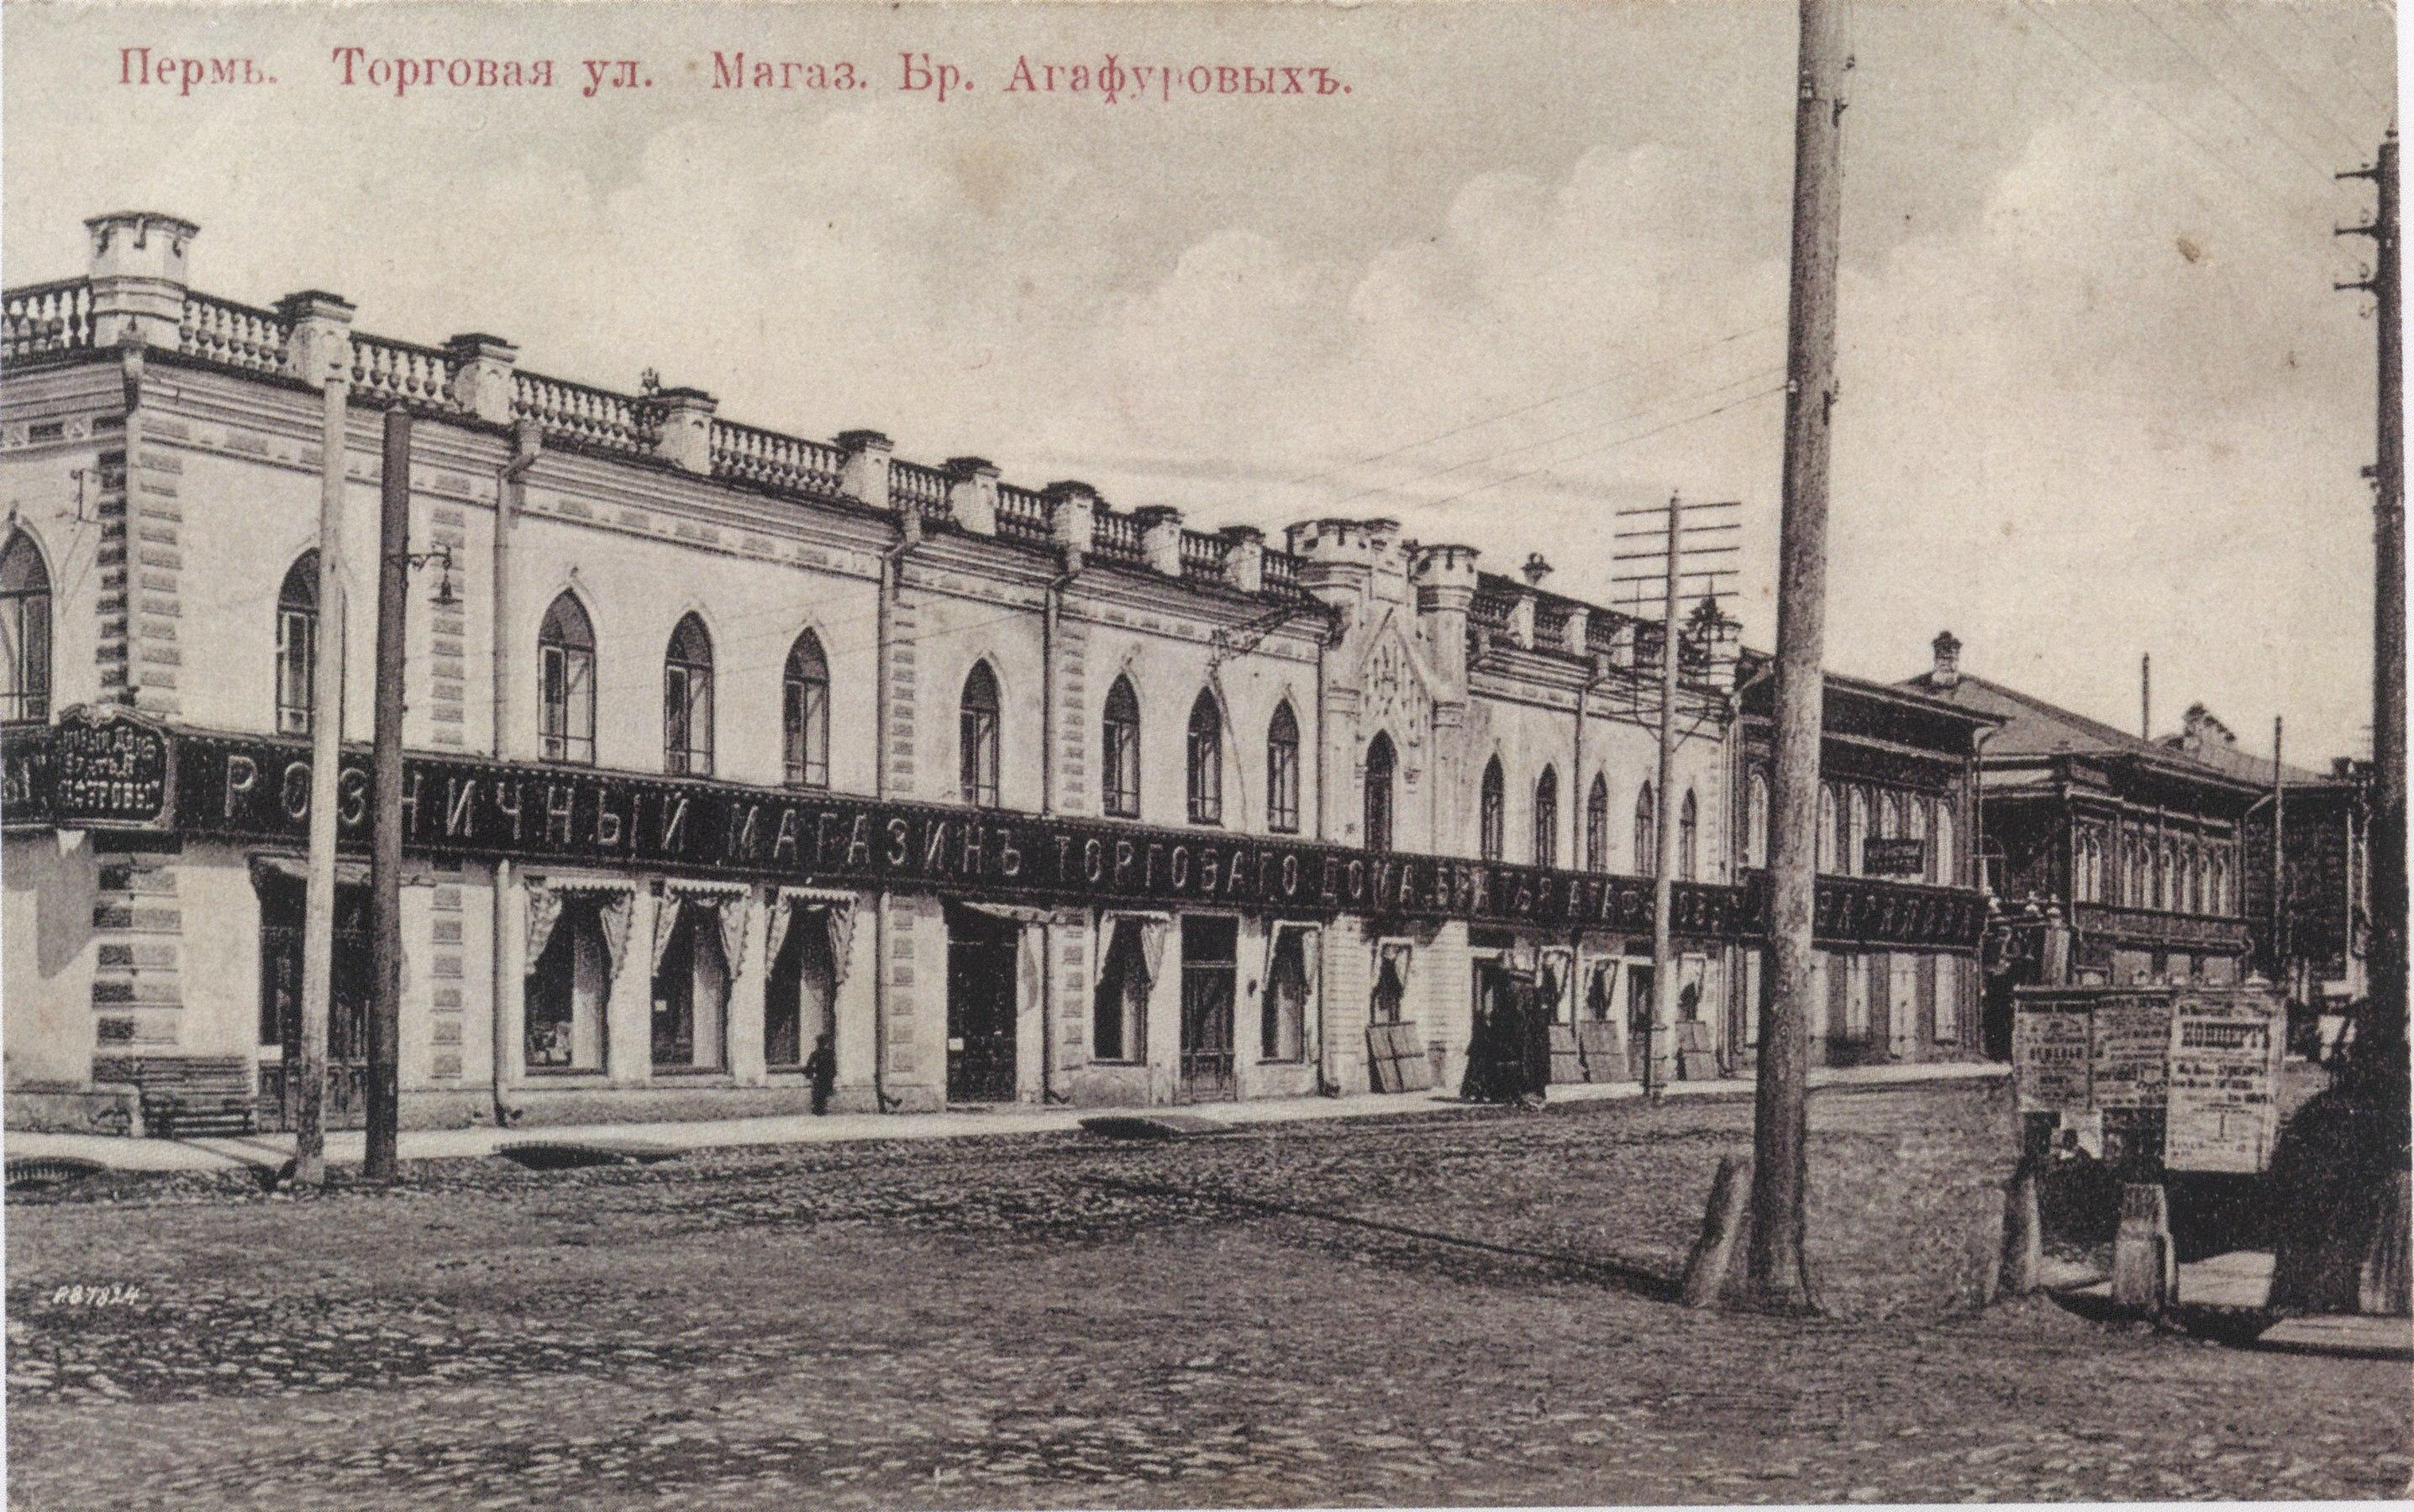 Магазин Братьев Агафуровых